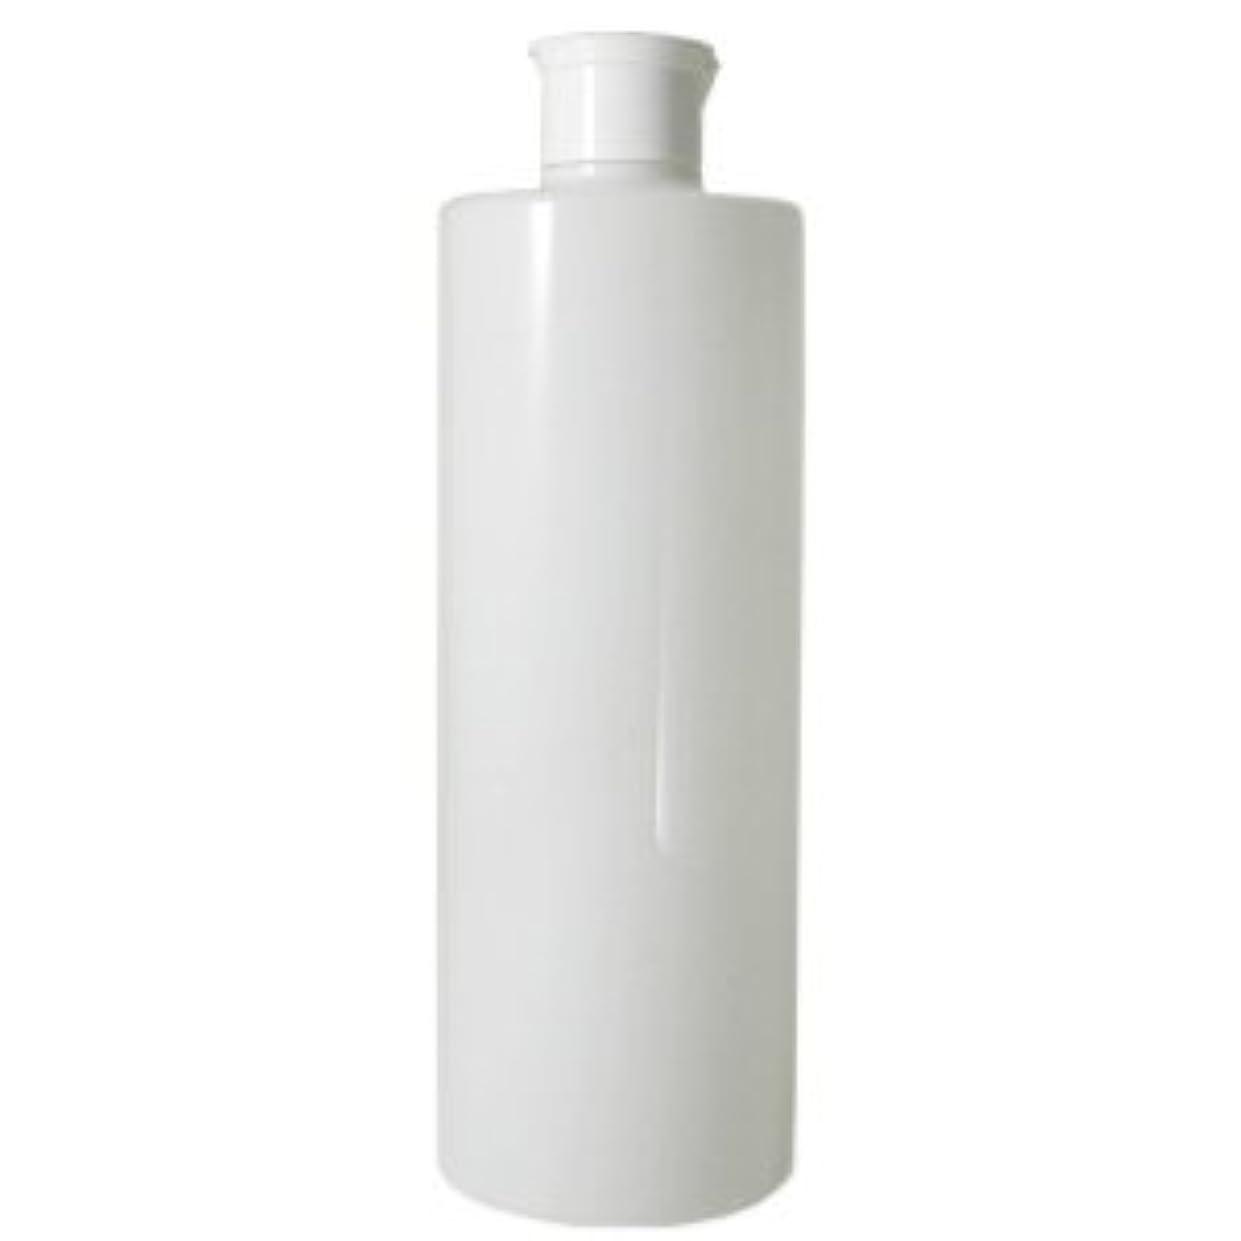 系統的イタリックワンタッチキャップ 乳白半透明容器 500ml